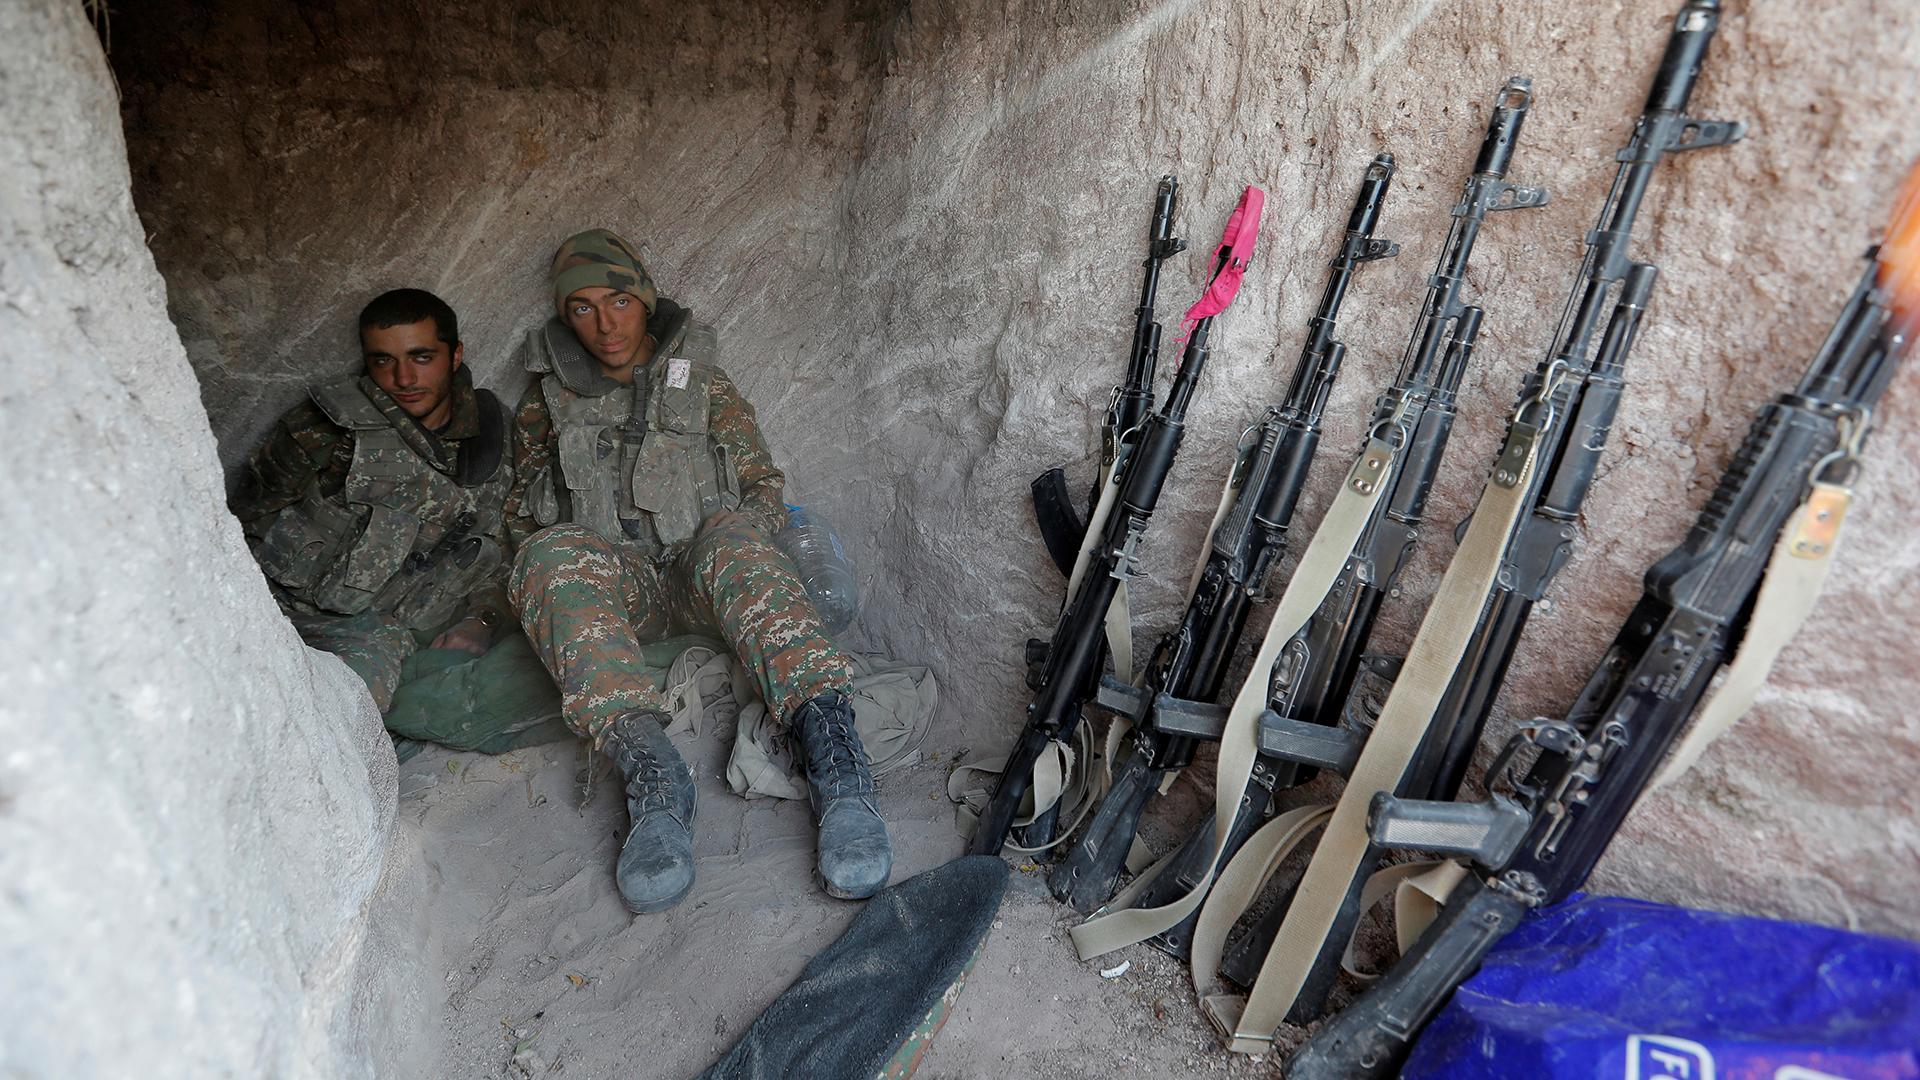 Армения, Азербайджан и Россия подписали заявление о прекращении войны в Карабахе. Москва вводит миротворцев